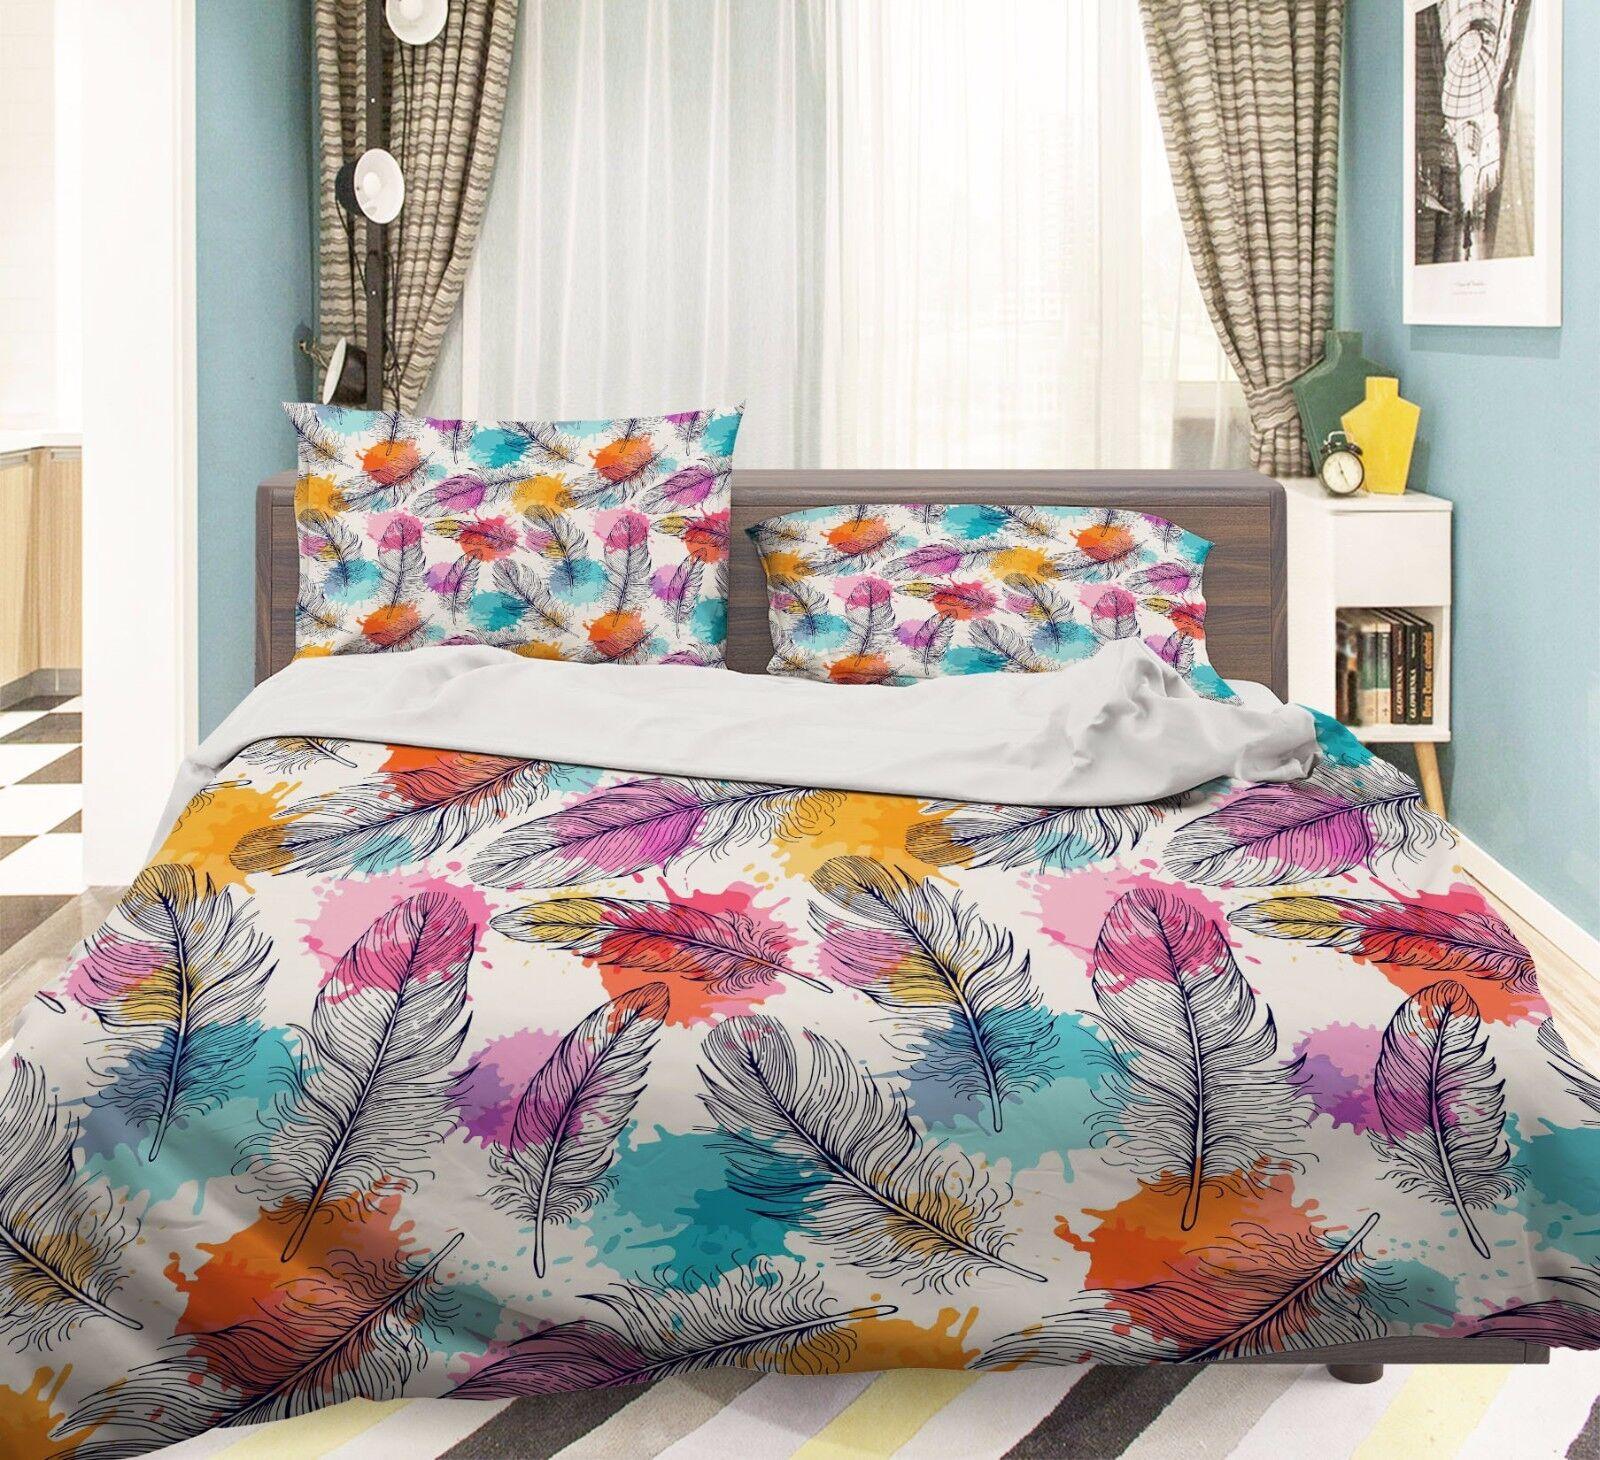 3d Spsacue 447 Bed Cushion Covers Stitch Duvet Cover Set Single de voiturely